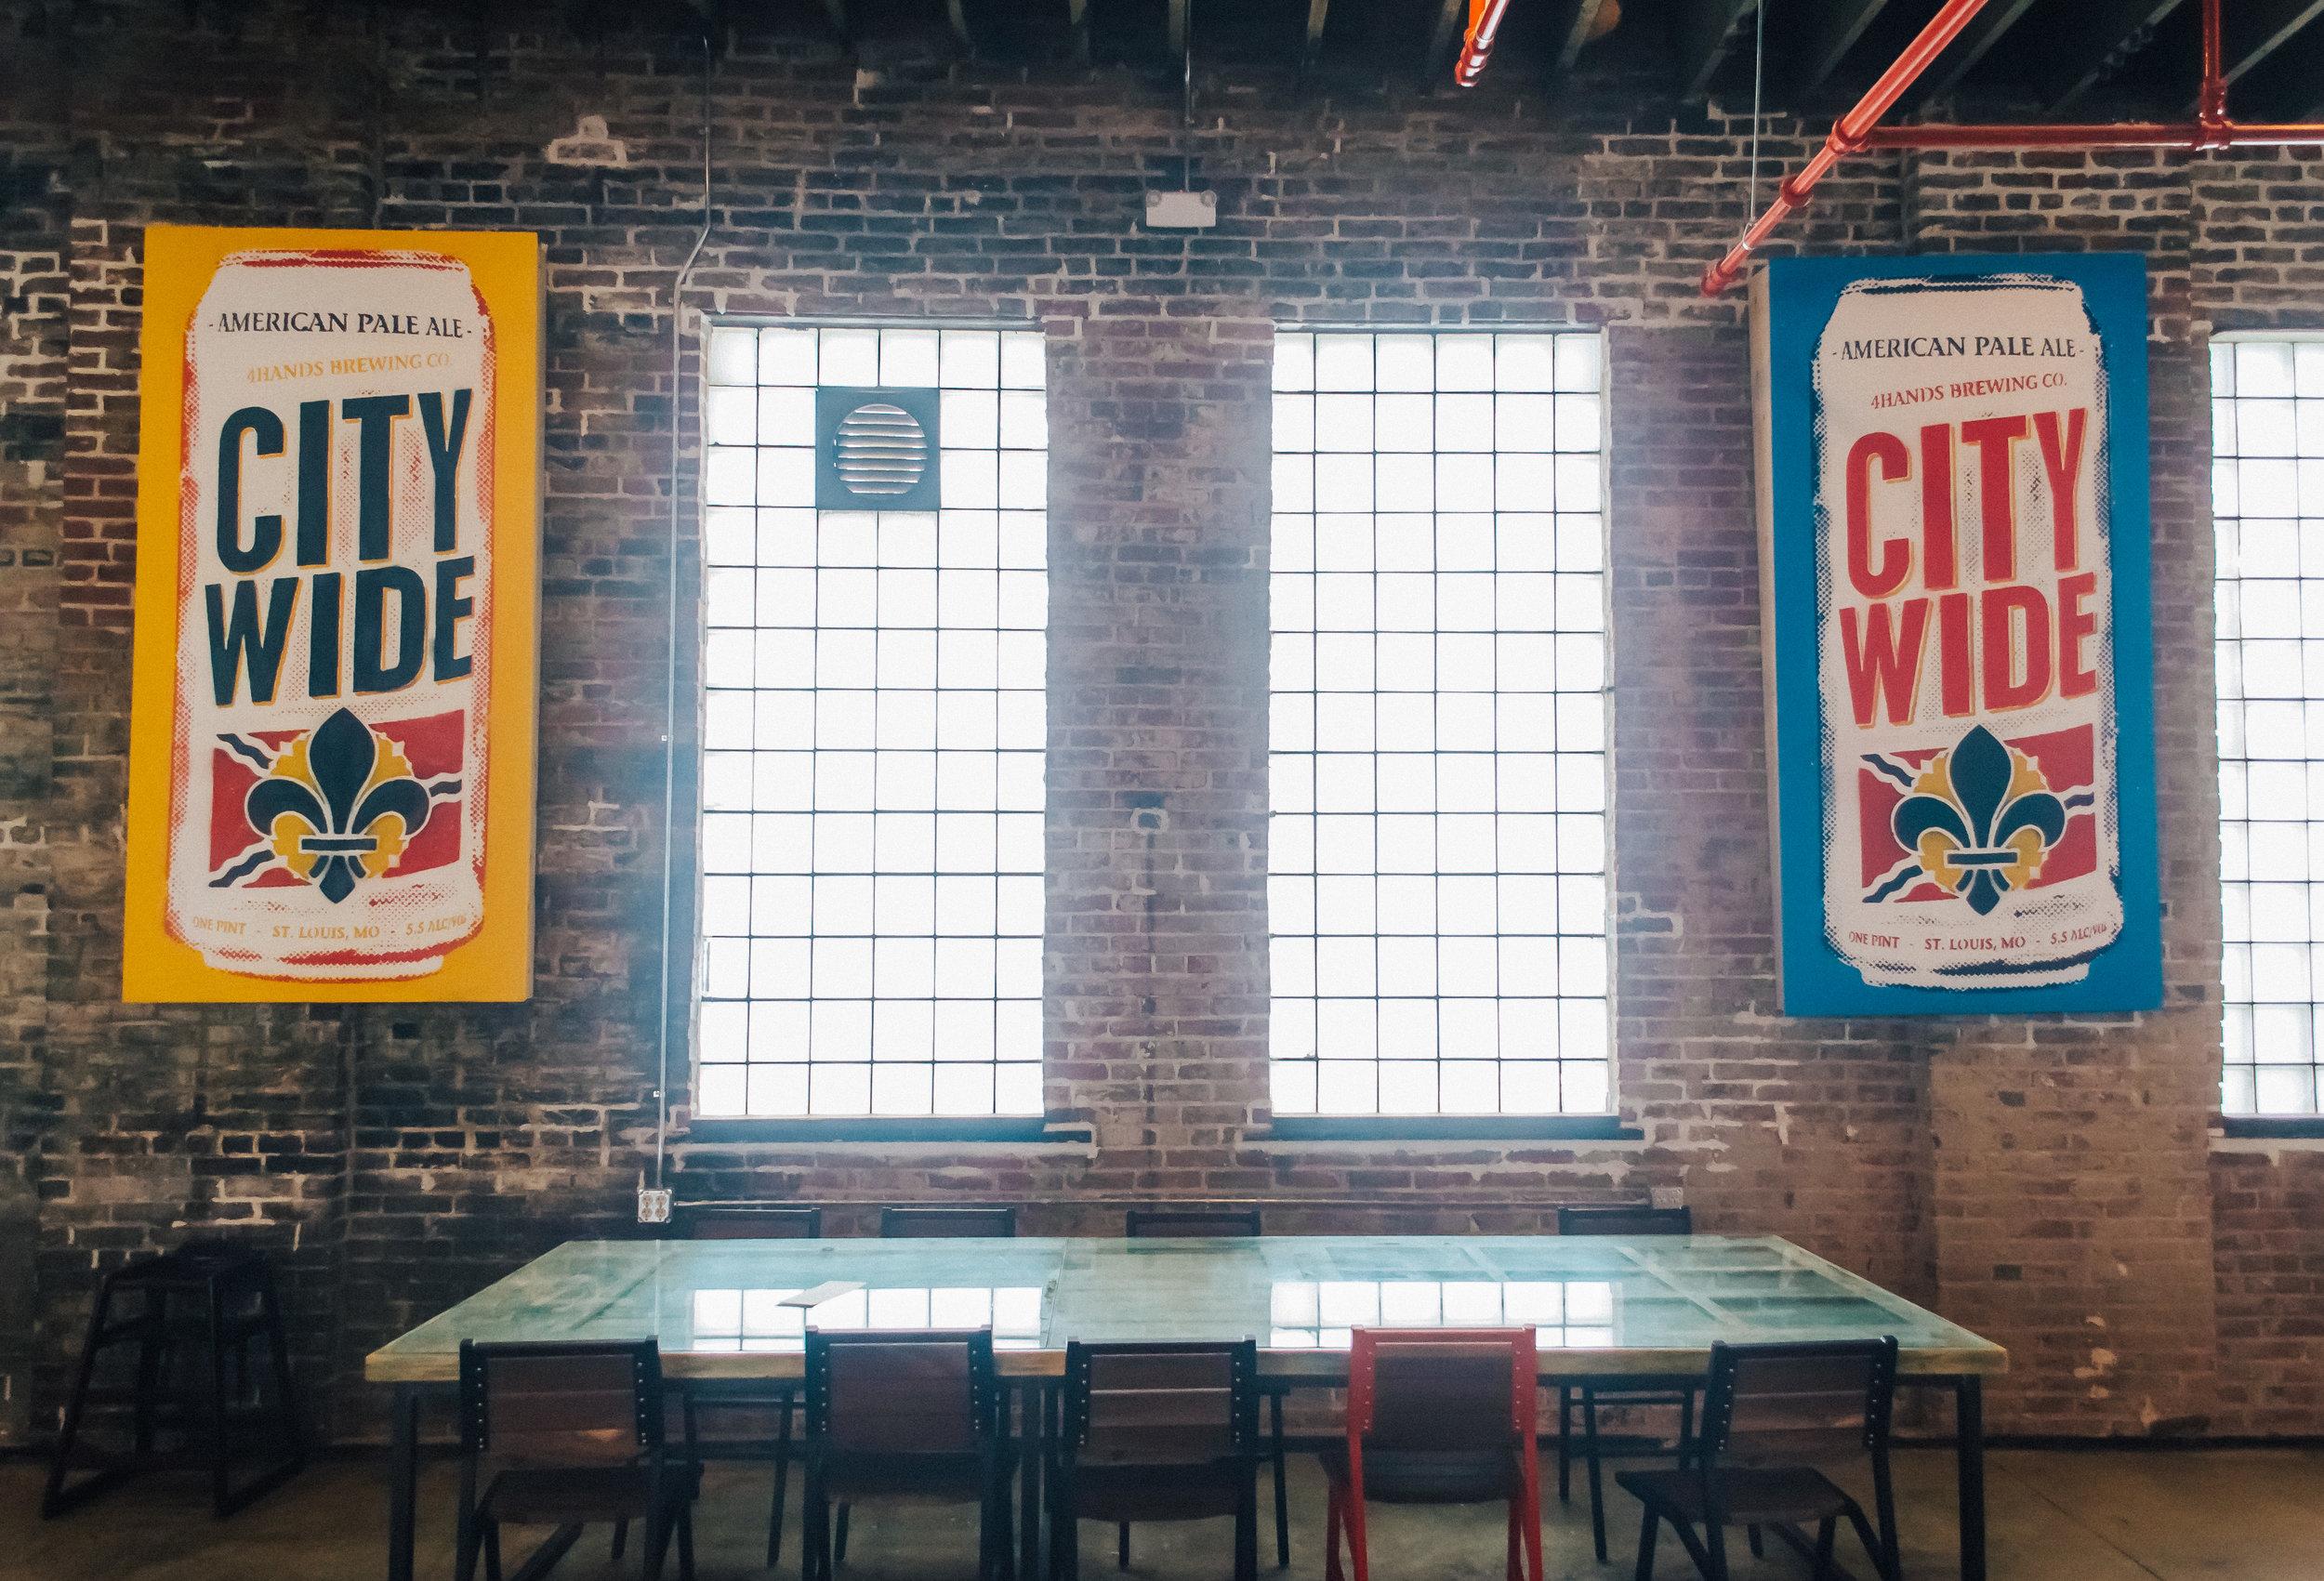 4-Hands-Brewing-St-Louis-Missouri-Beer-Matt-Sampson-Photography-City-Wide.jpg